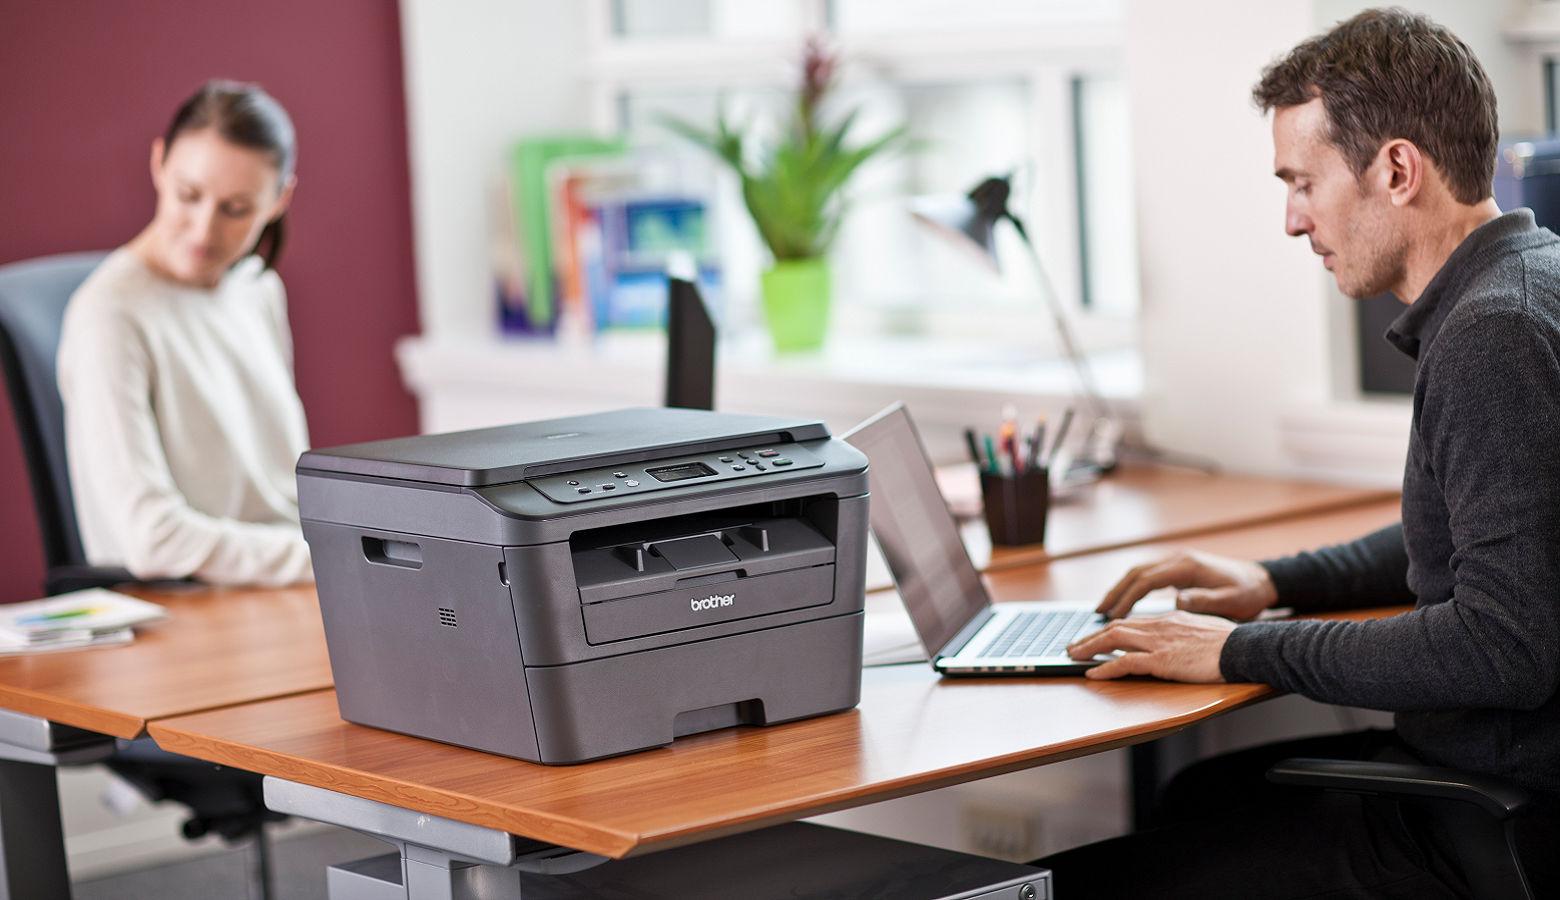 Impiegati al lavoro in ufficio con stampante multifunzione Brother DCP-L2520DW